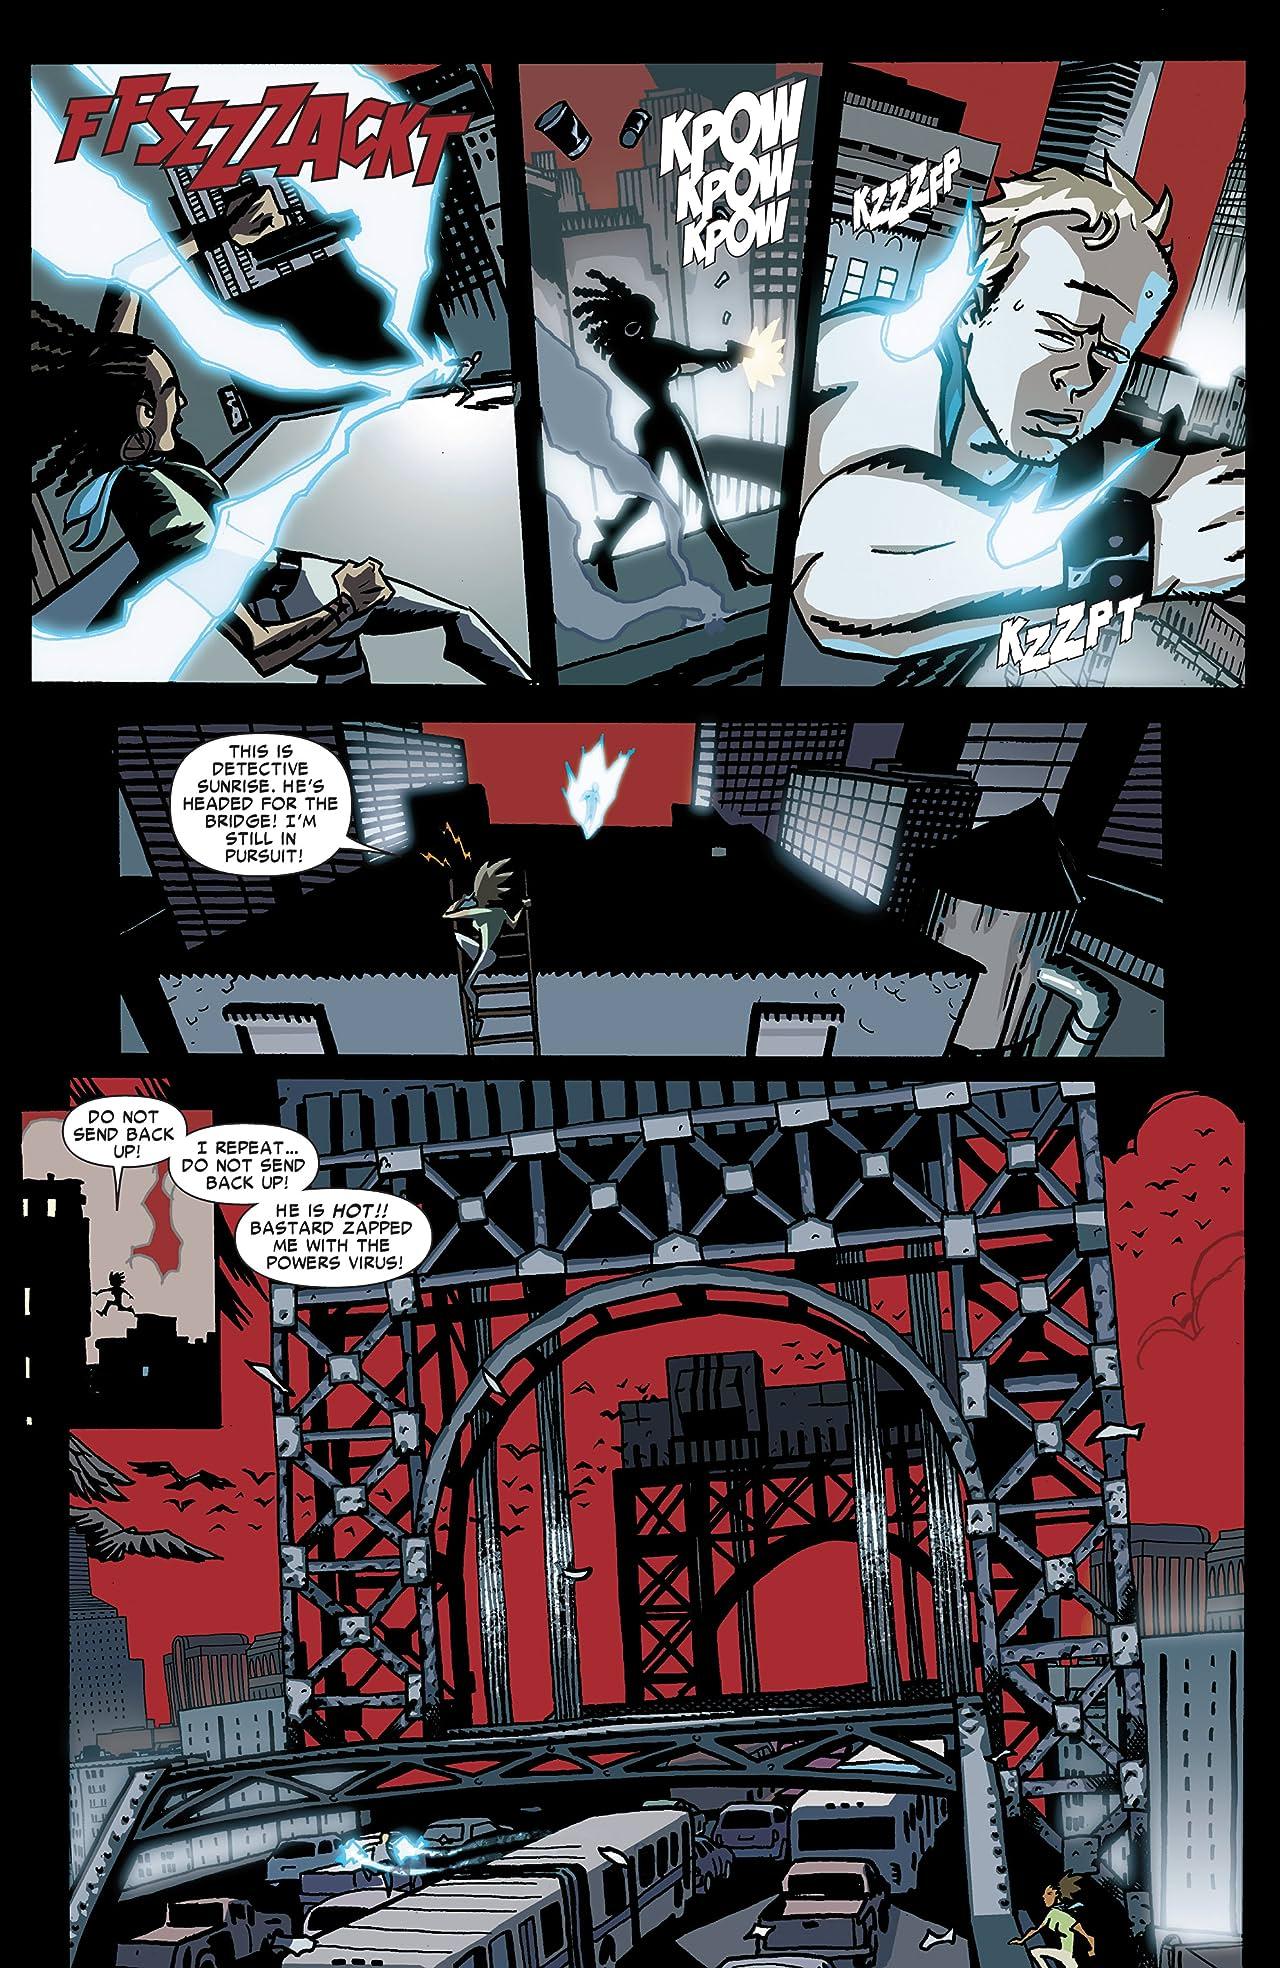 Powers Vol. 13: Z